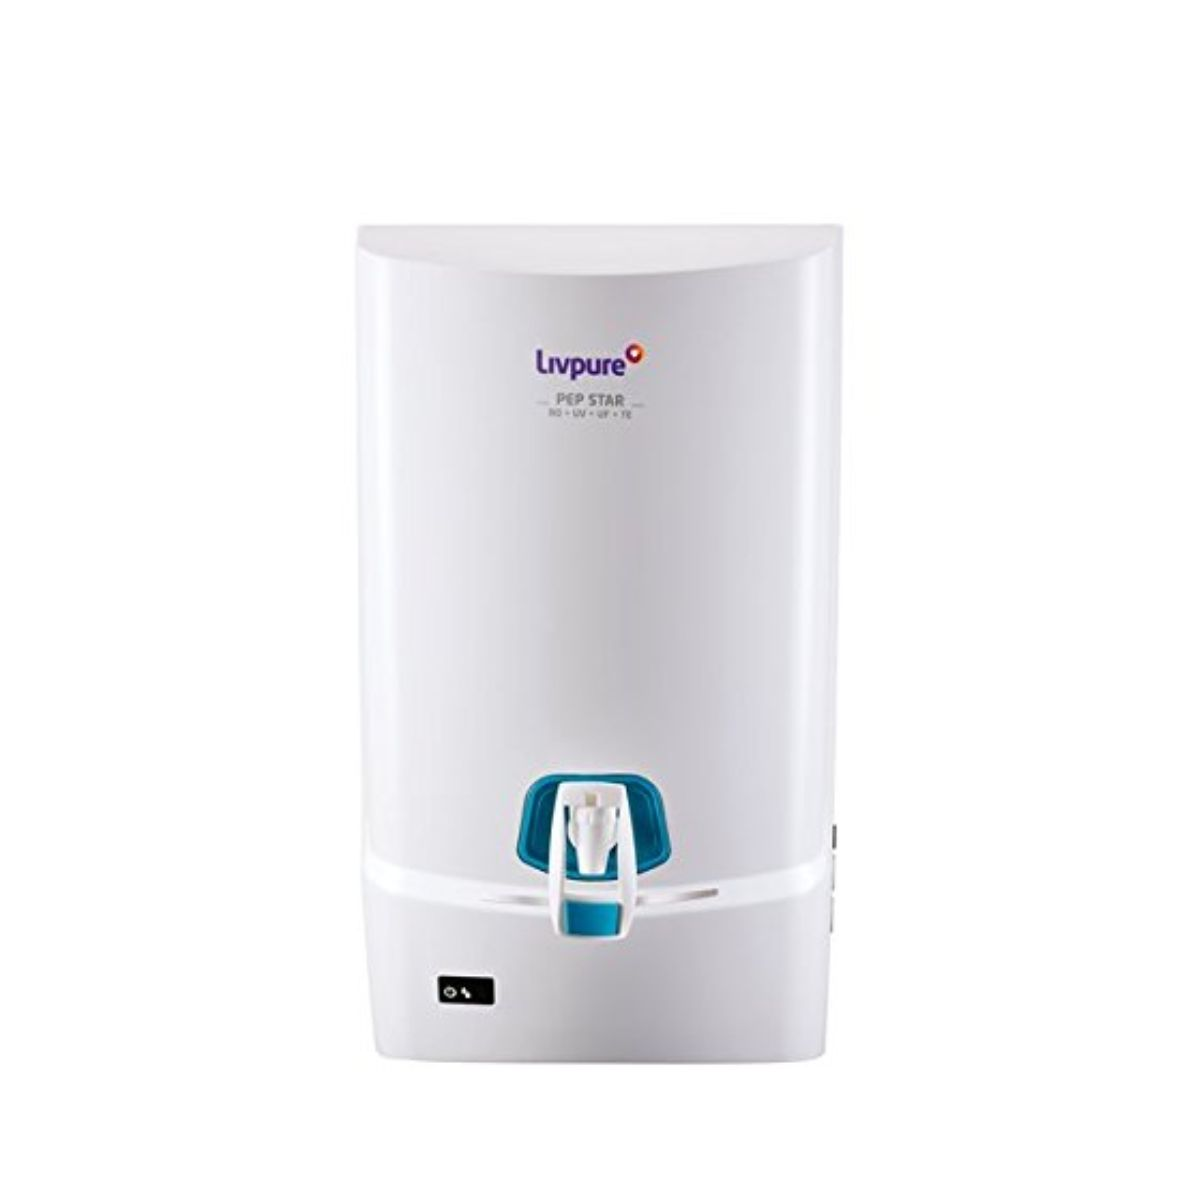 LIVPURE PEP STAR 7 L RO + UV + UF + TDS Water Purifier (White)